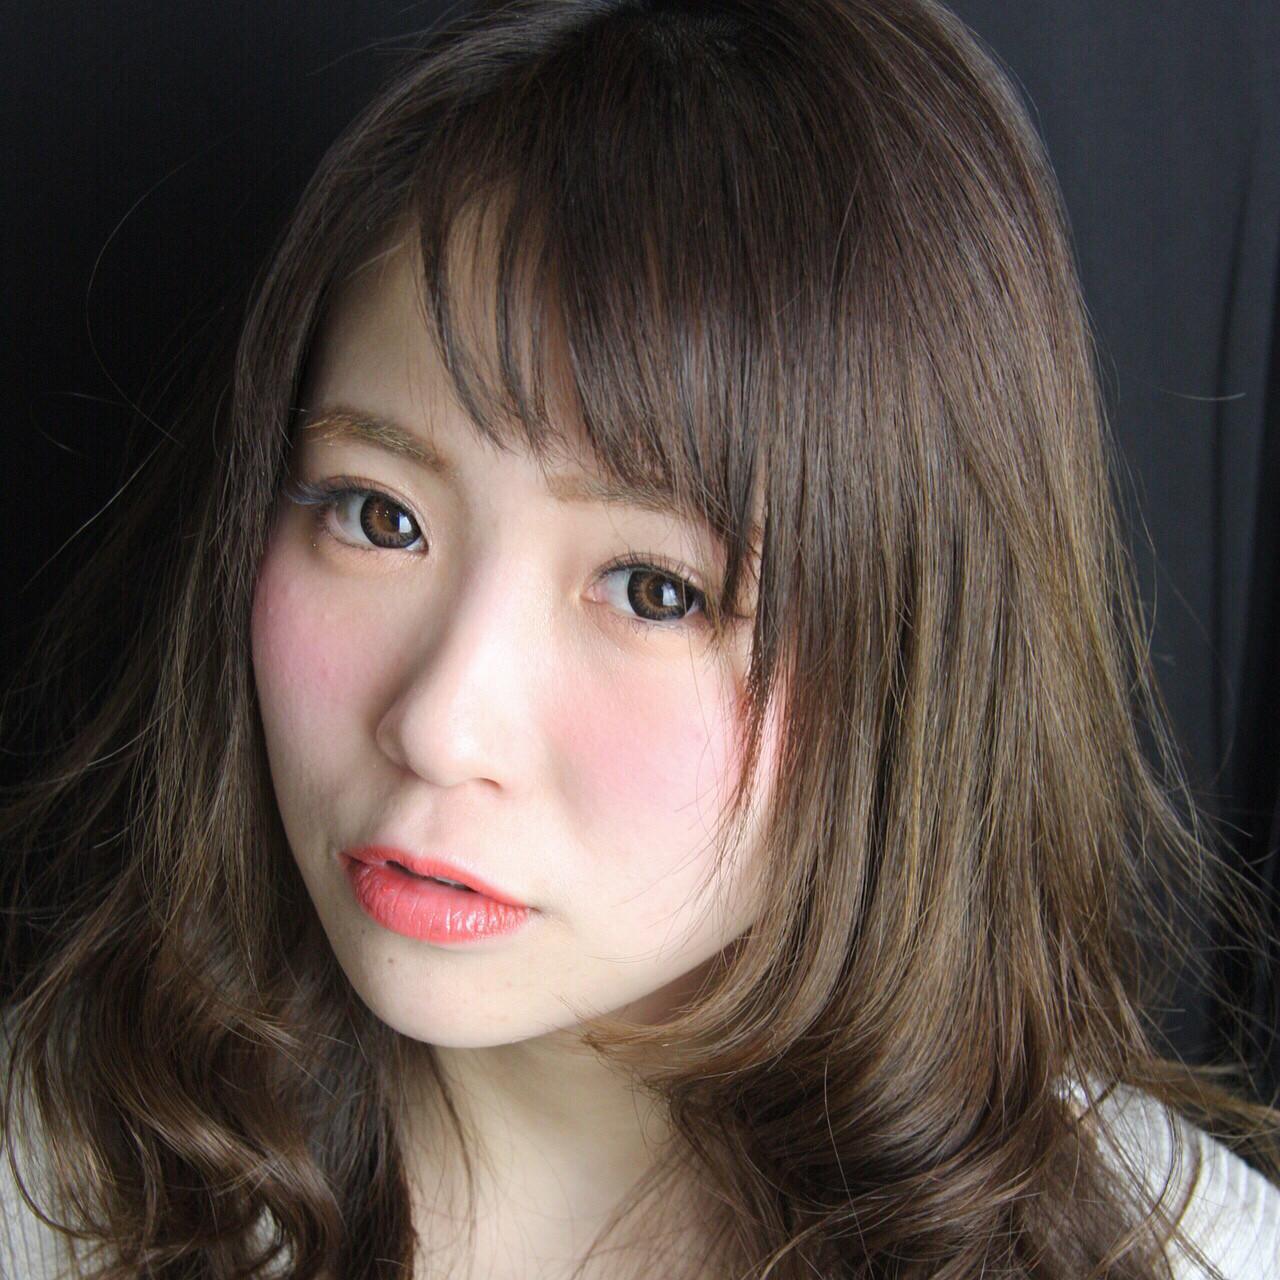 こなれ感 ナチュラル 小顔 アッシュ ヘアスタイルや髪型の写真・画像 | yasu / s2